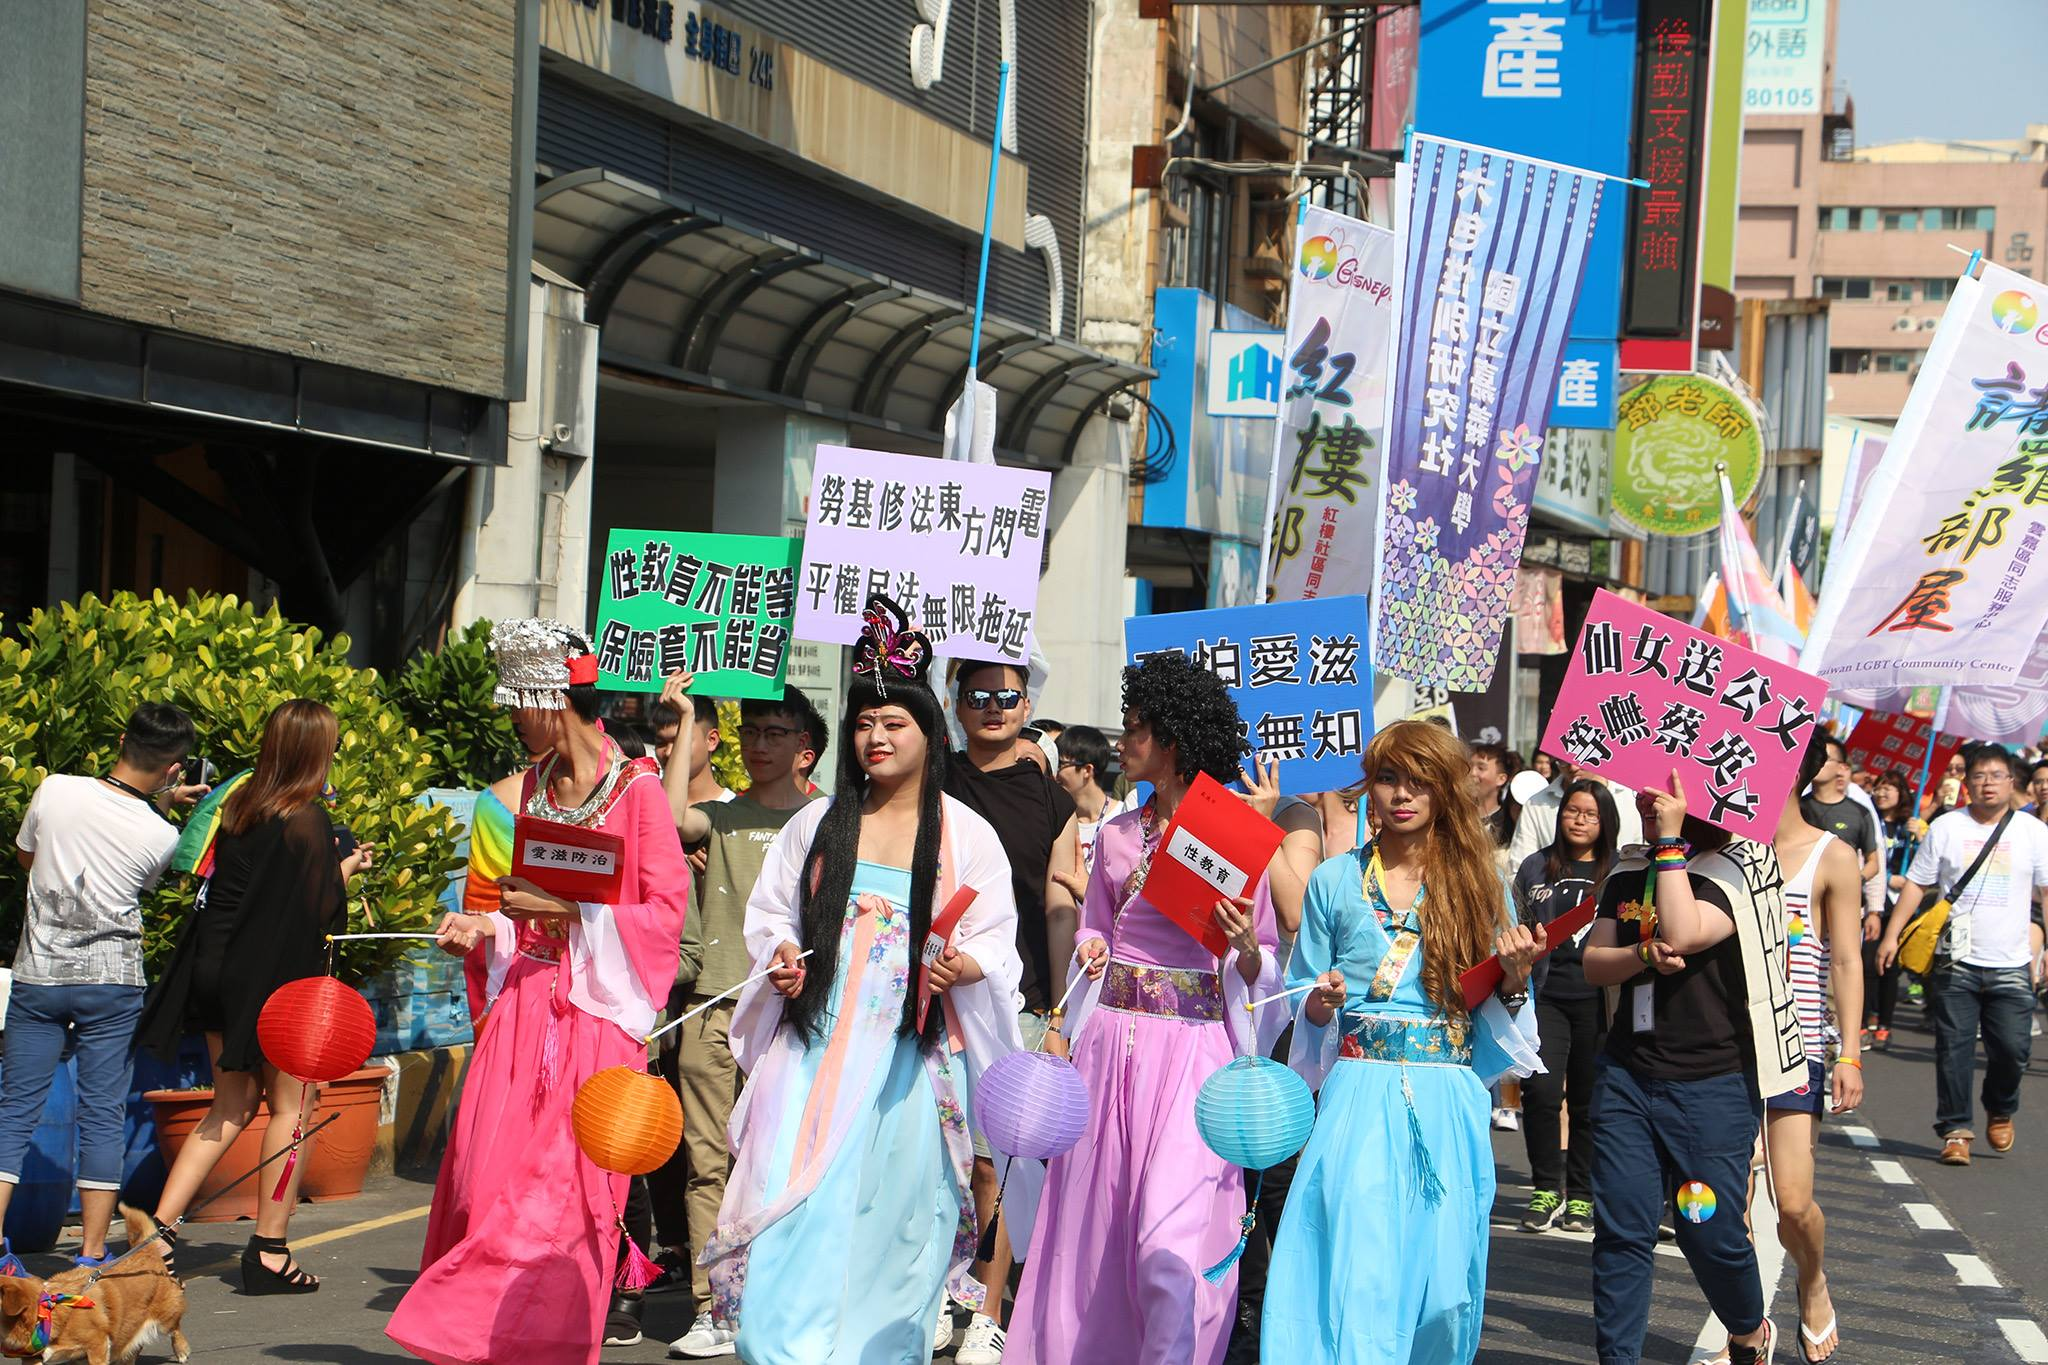 臺南彩虹遊行籲向下紮根,落實性平教育 黃國昌:邁向彩虹國度